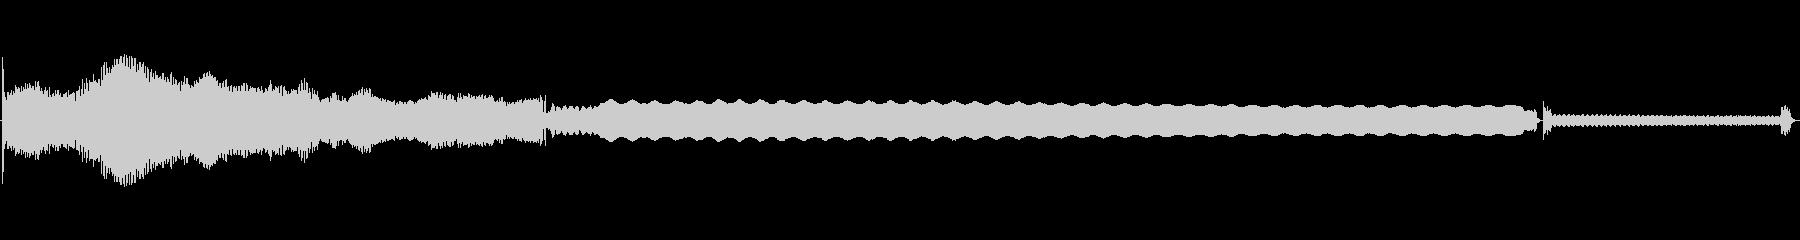 フィルムスキャナー:スライド、プロ...の未再生の波形